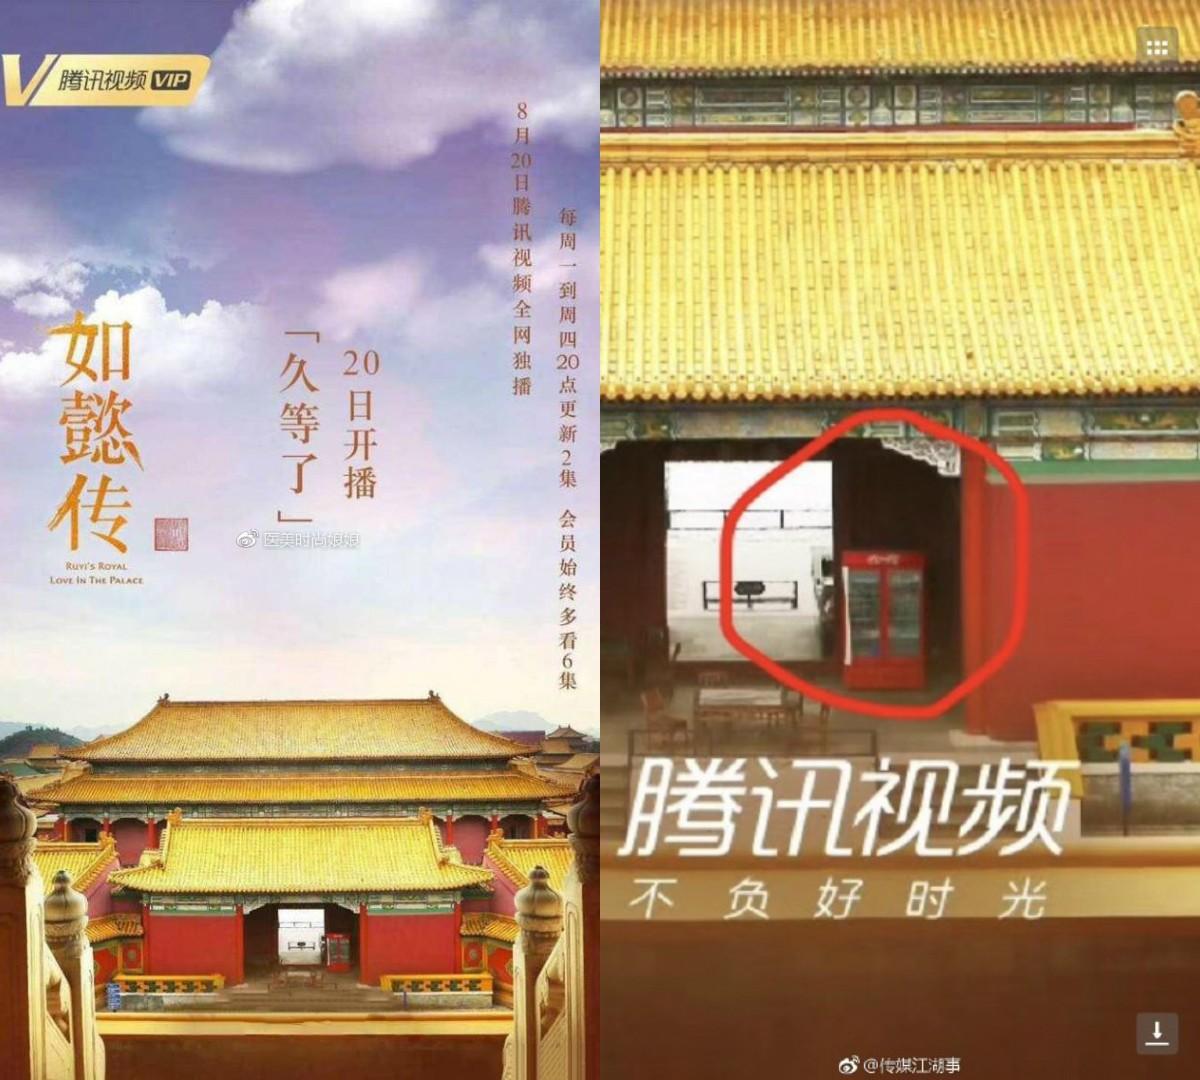 Sau lần dính phốt với poster, có vẻ như Tencent vẫn chưa chấm dứt được cách làm việc qua loa.